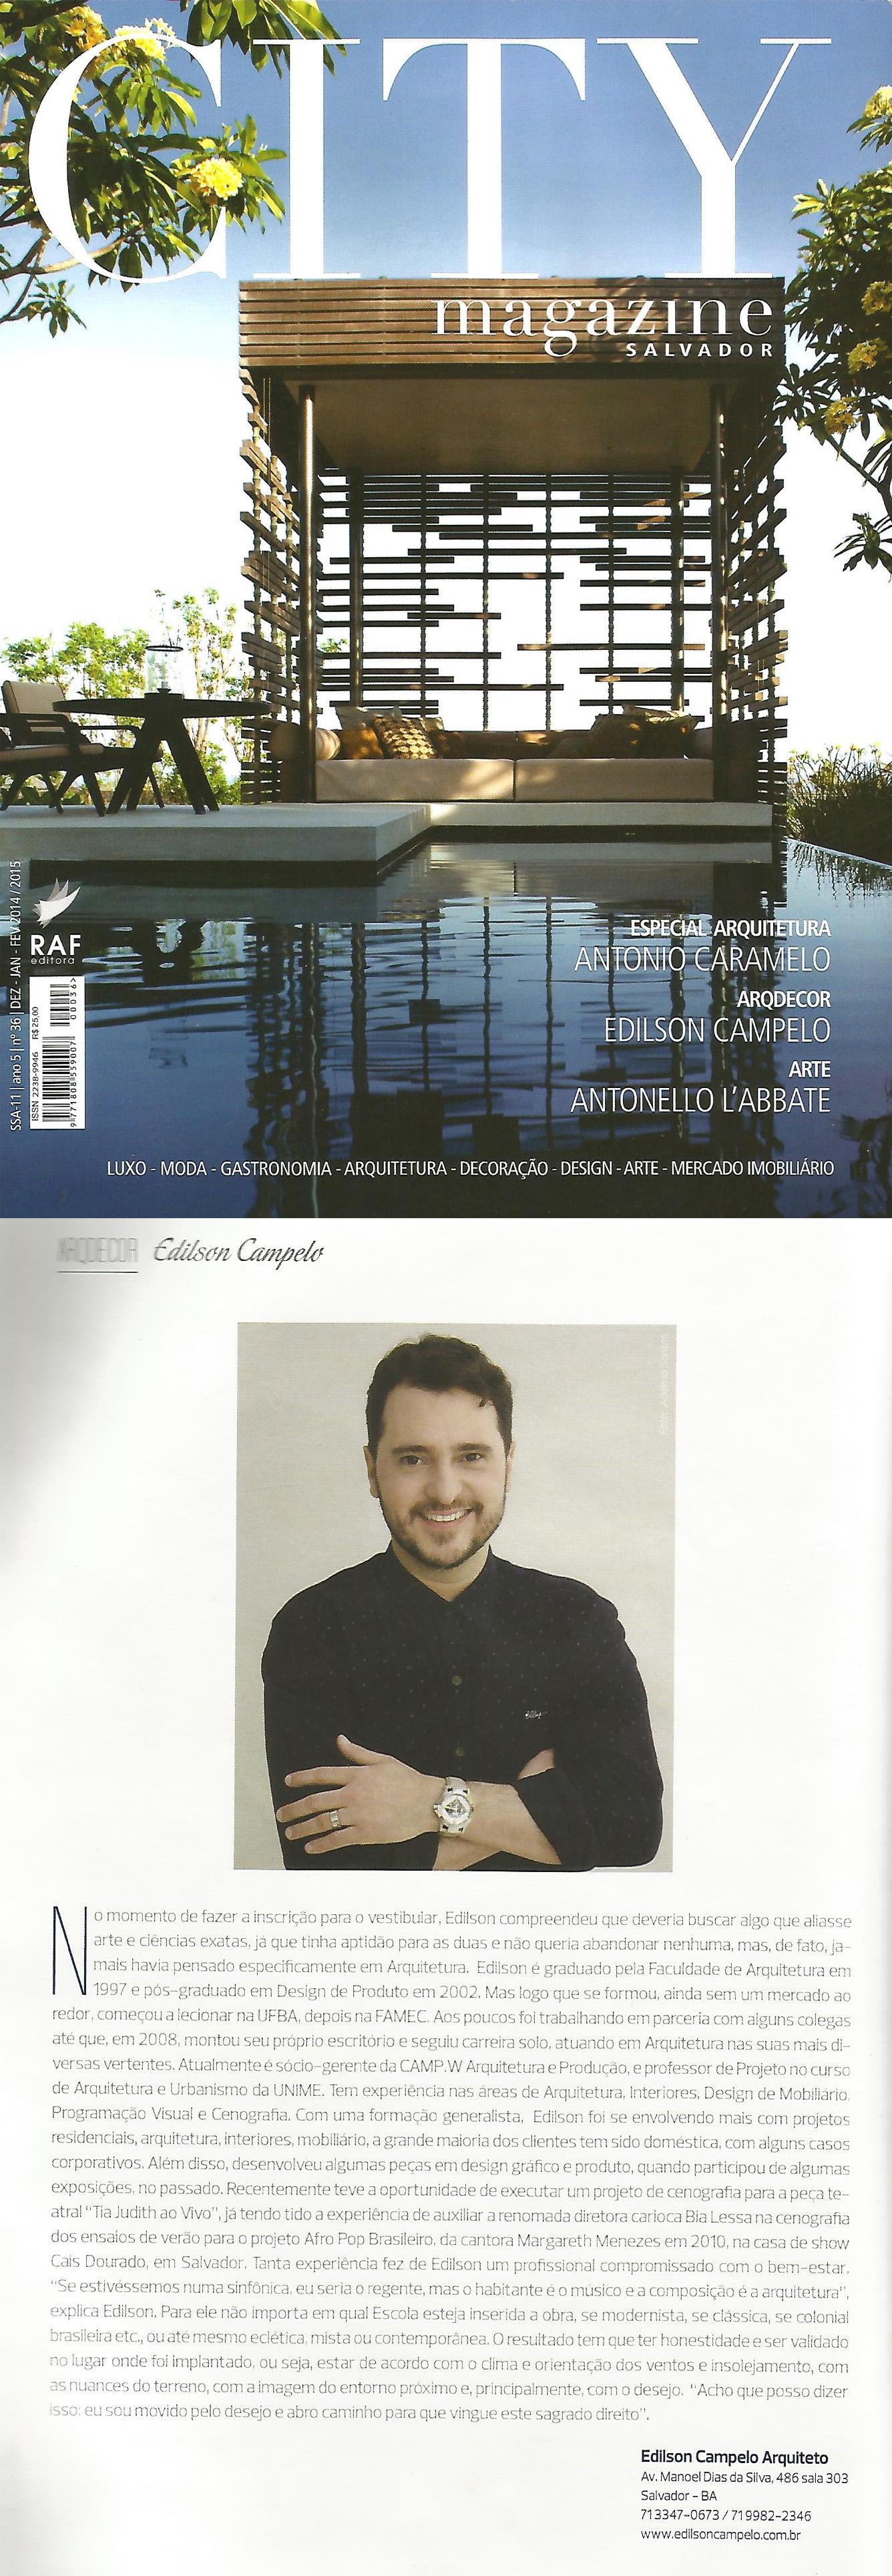 EC+O Edilson Campelo